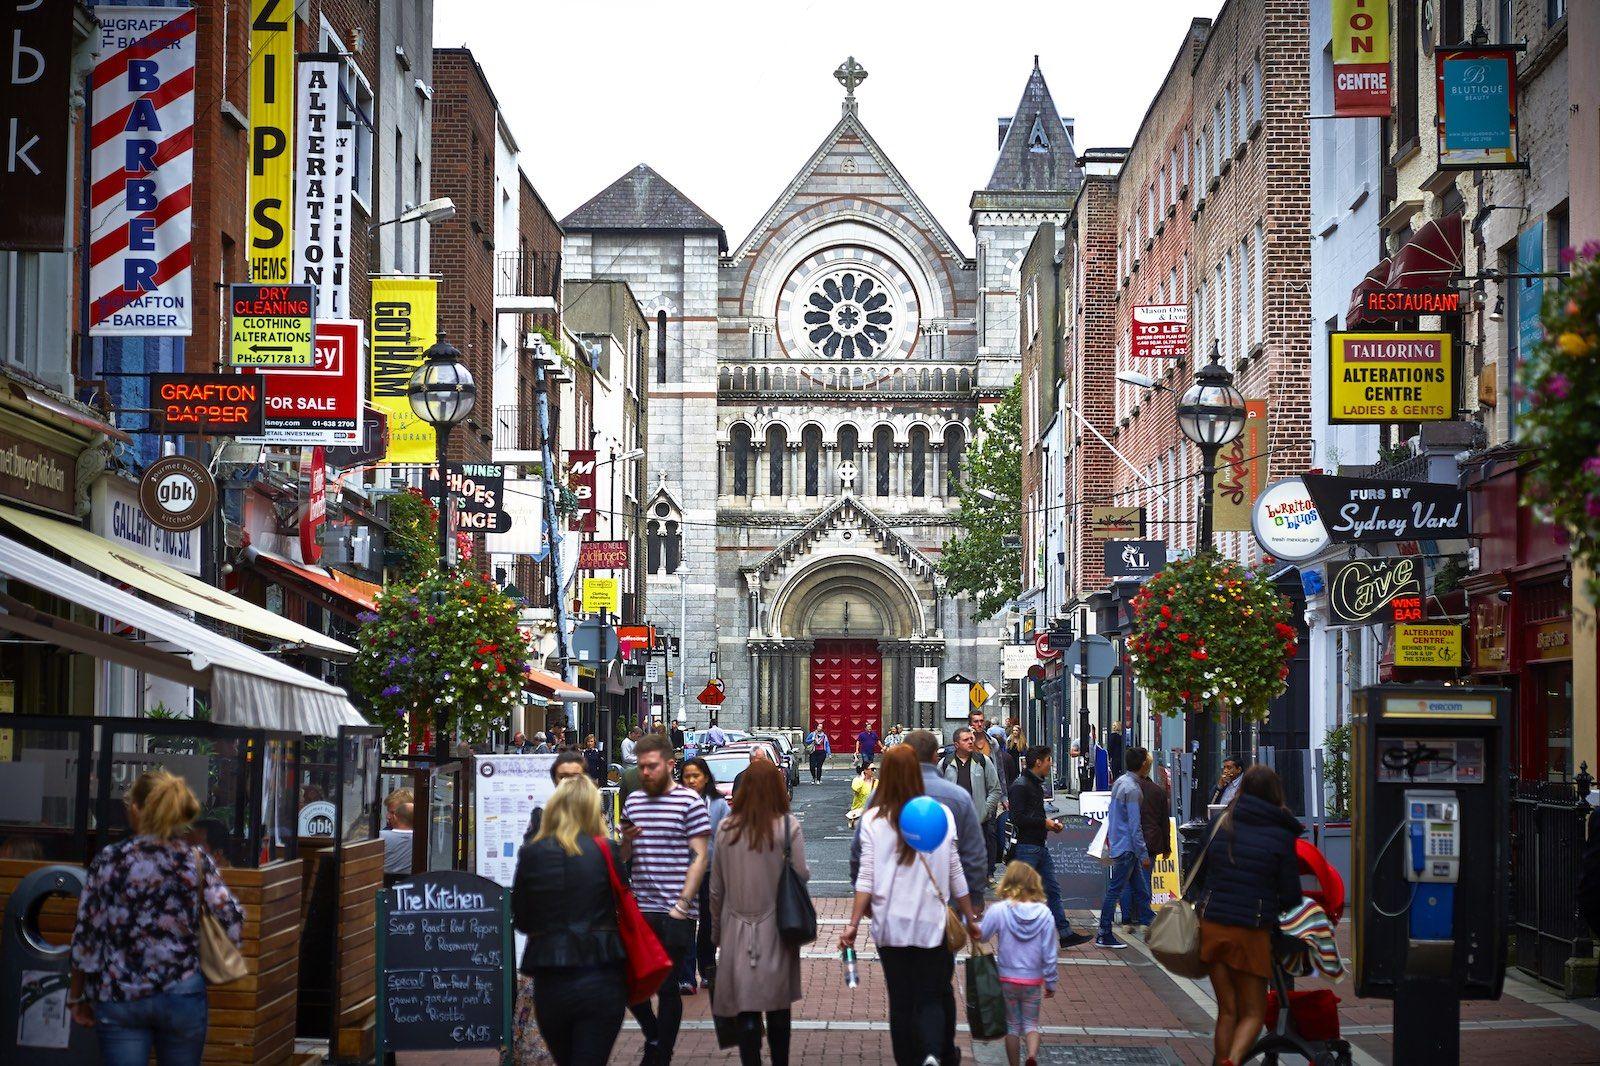 72 hours in Dublin